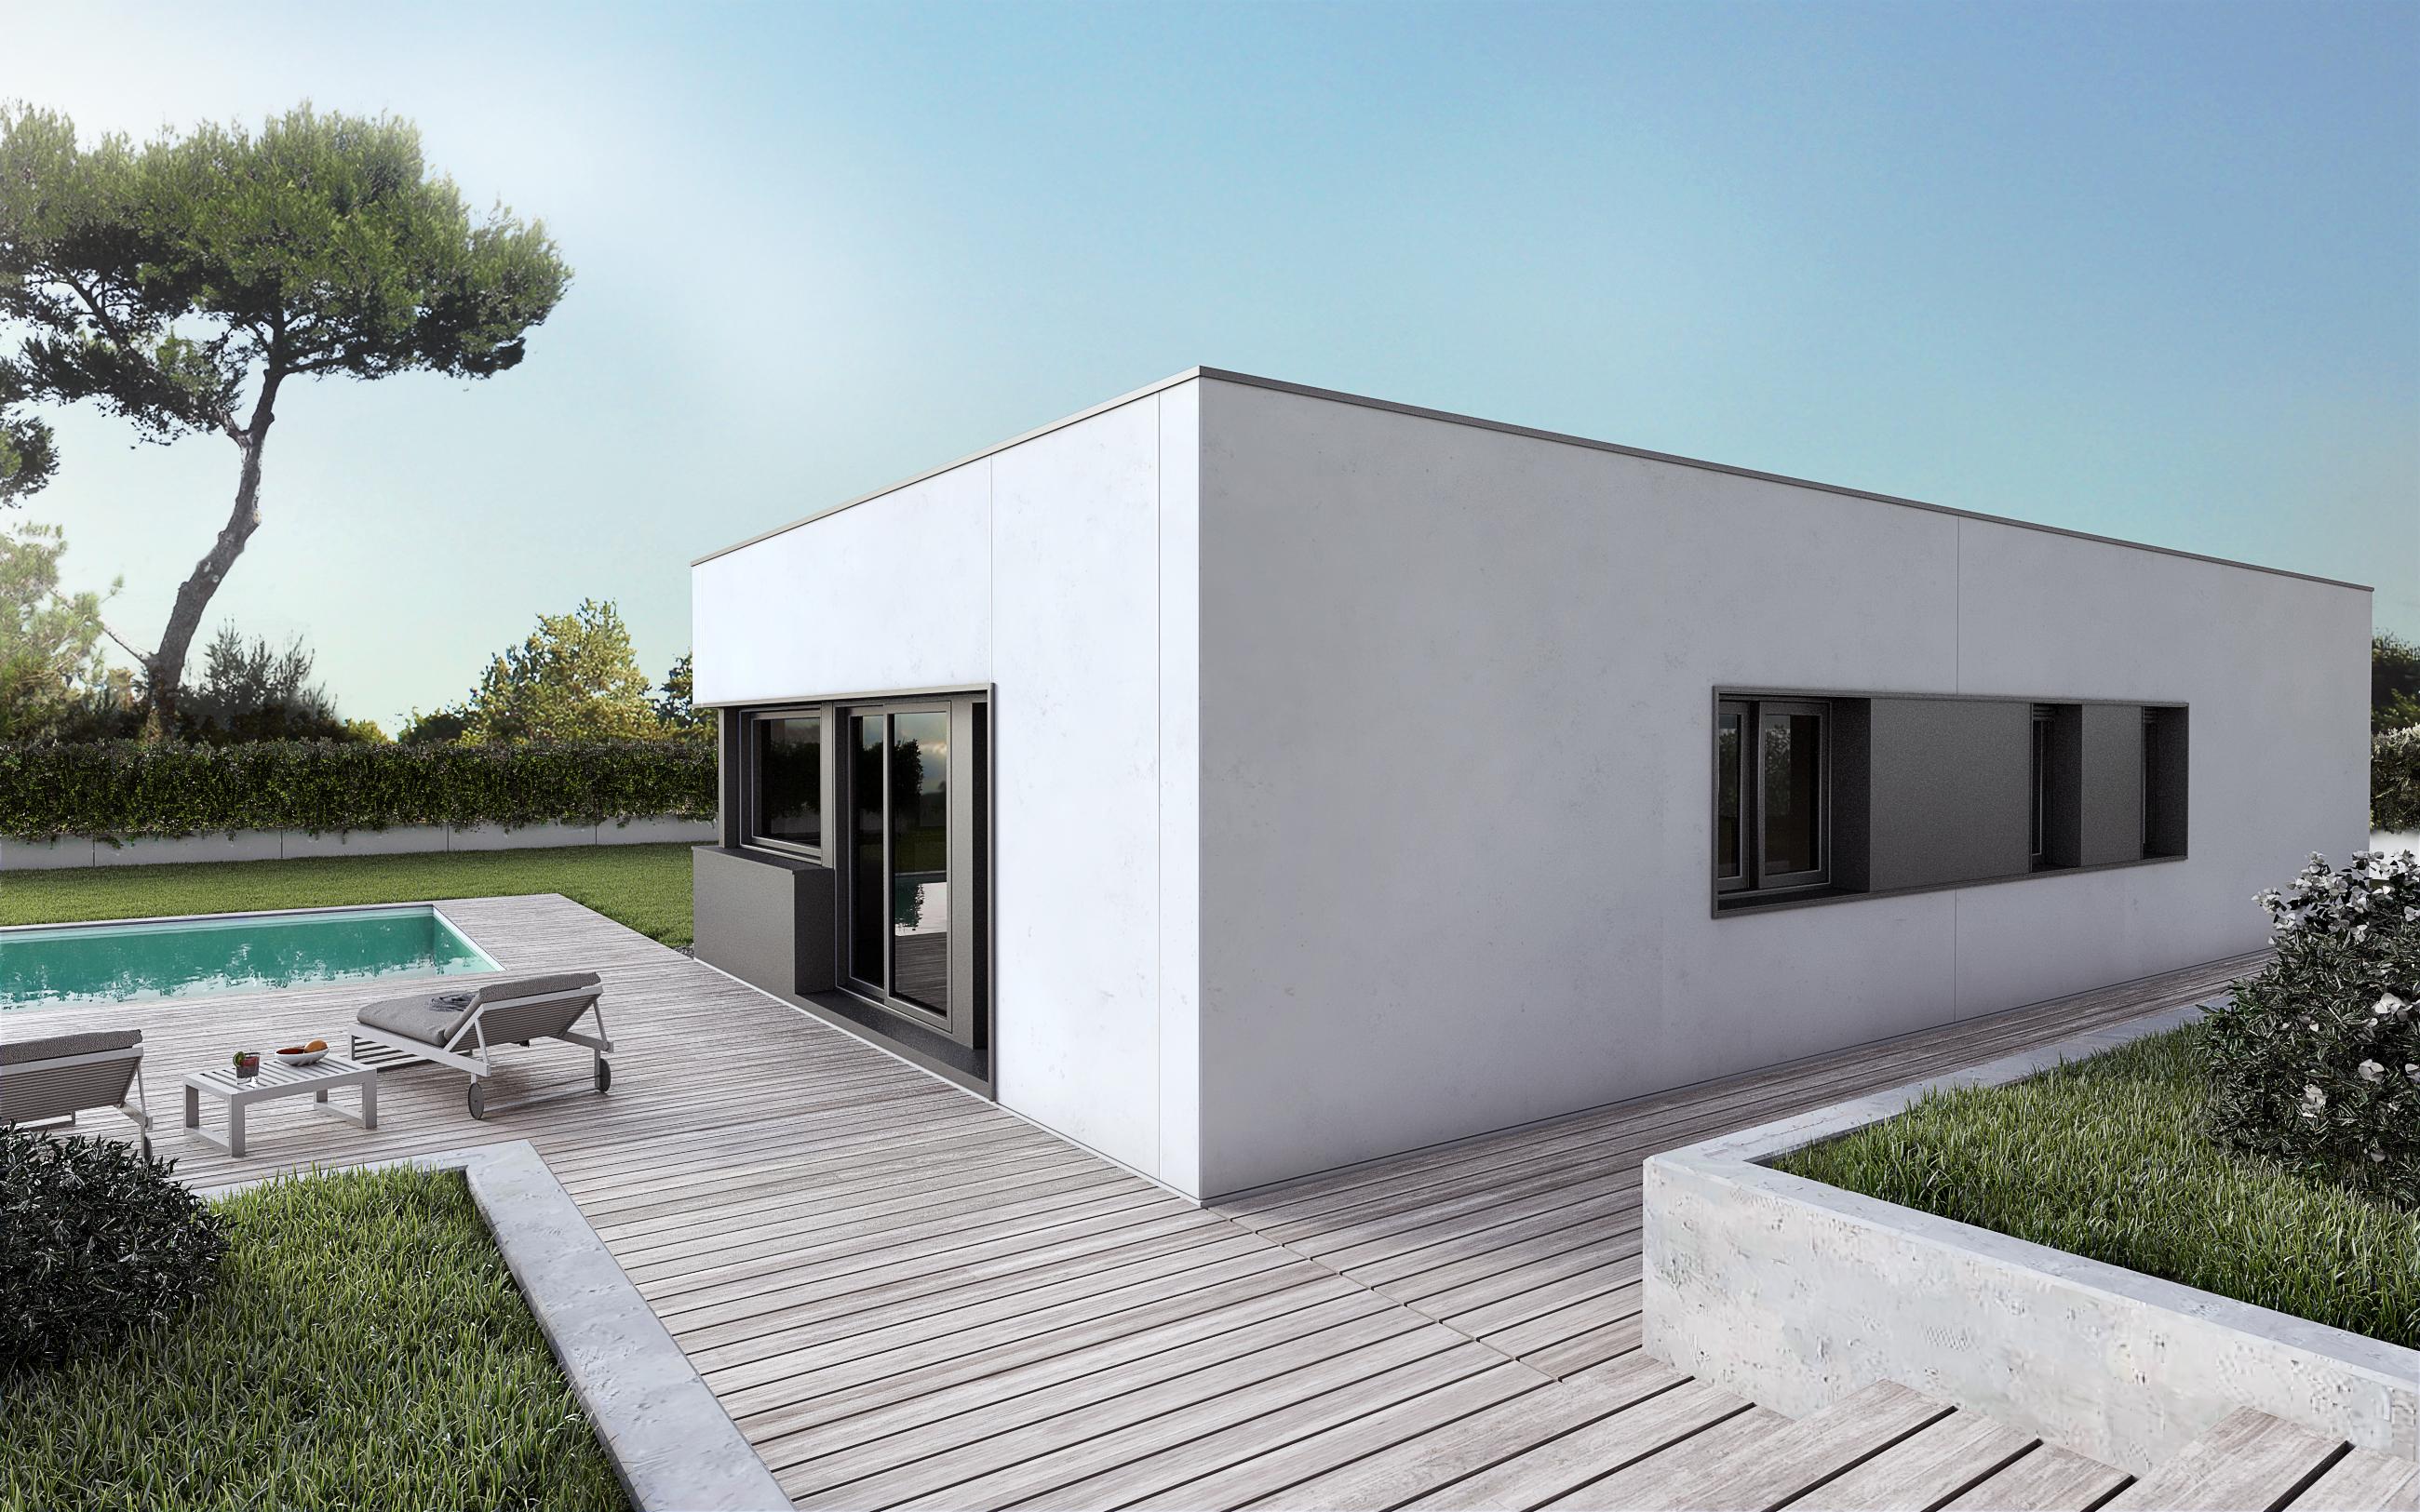 Cu nto cuesta una casa prefabricada precios y modelos - Presupuesto casa prefabricada ...